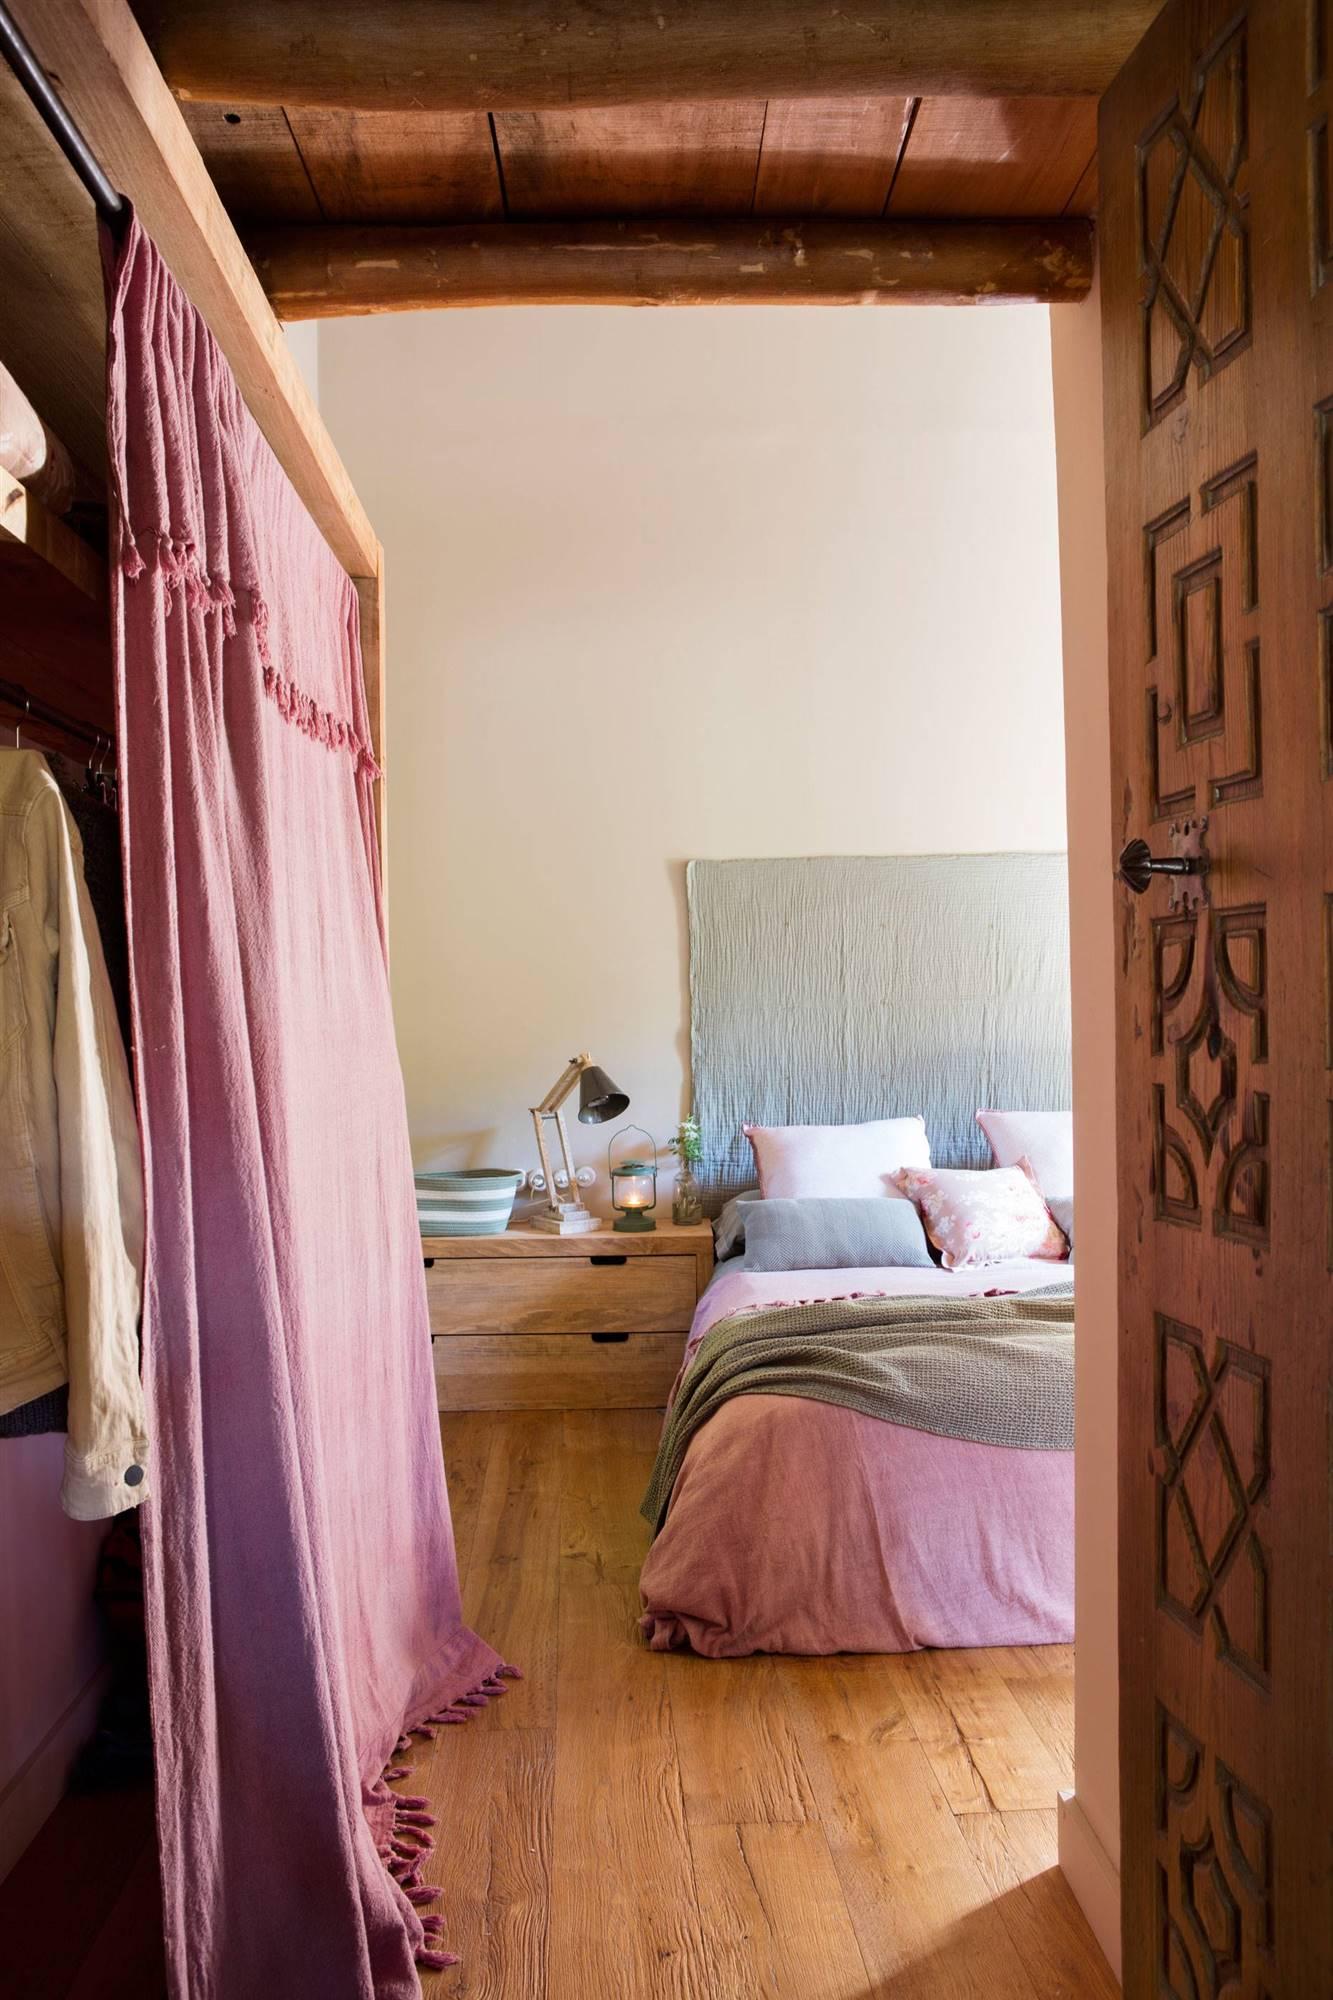 1172 fotos de armarios - Fotos cortinas dormitorio ...